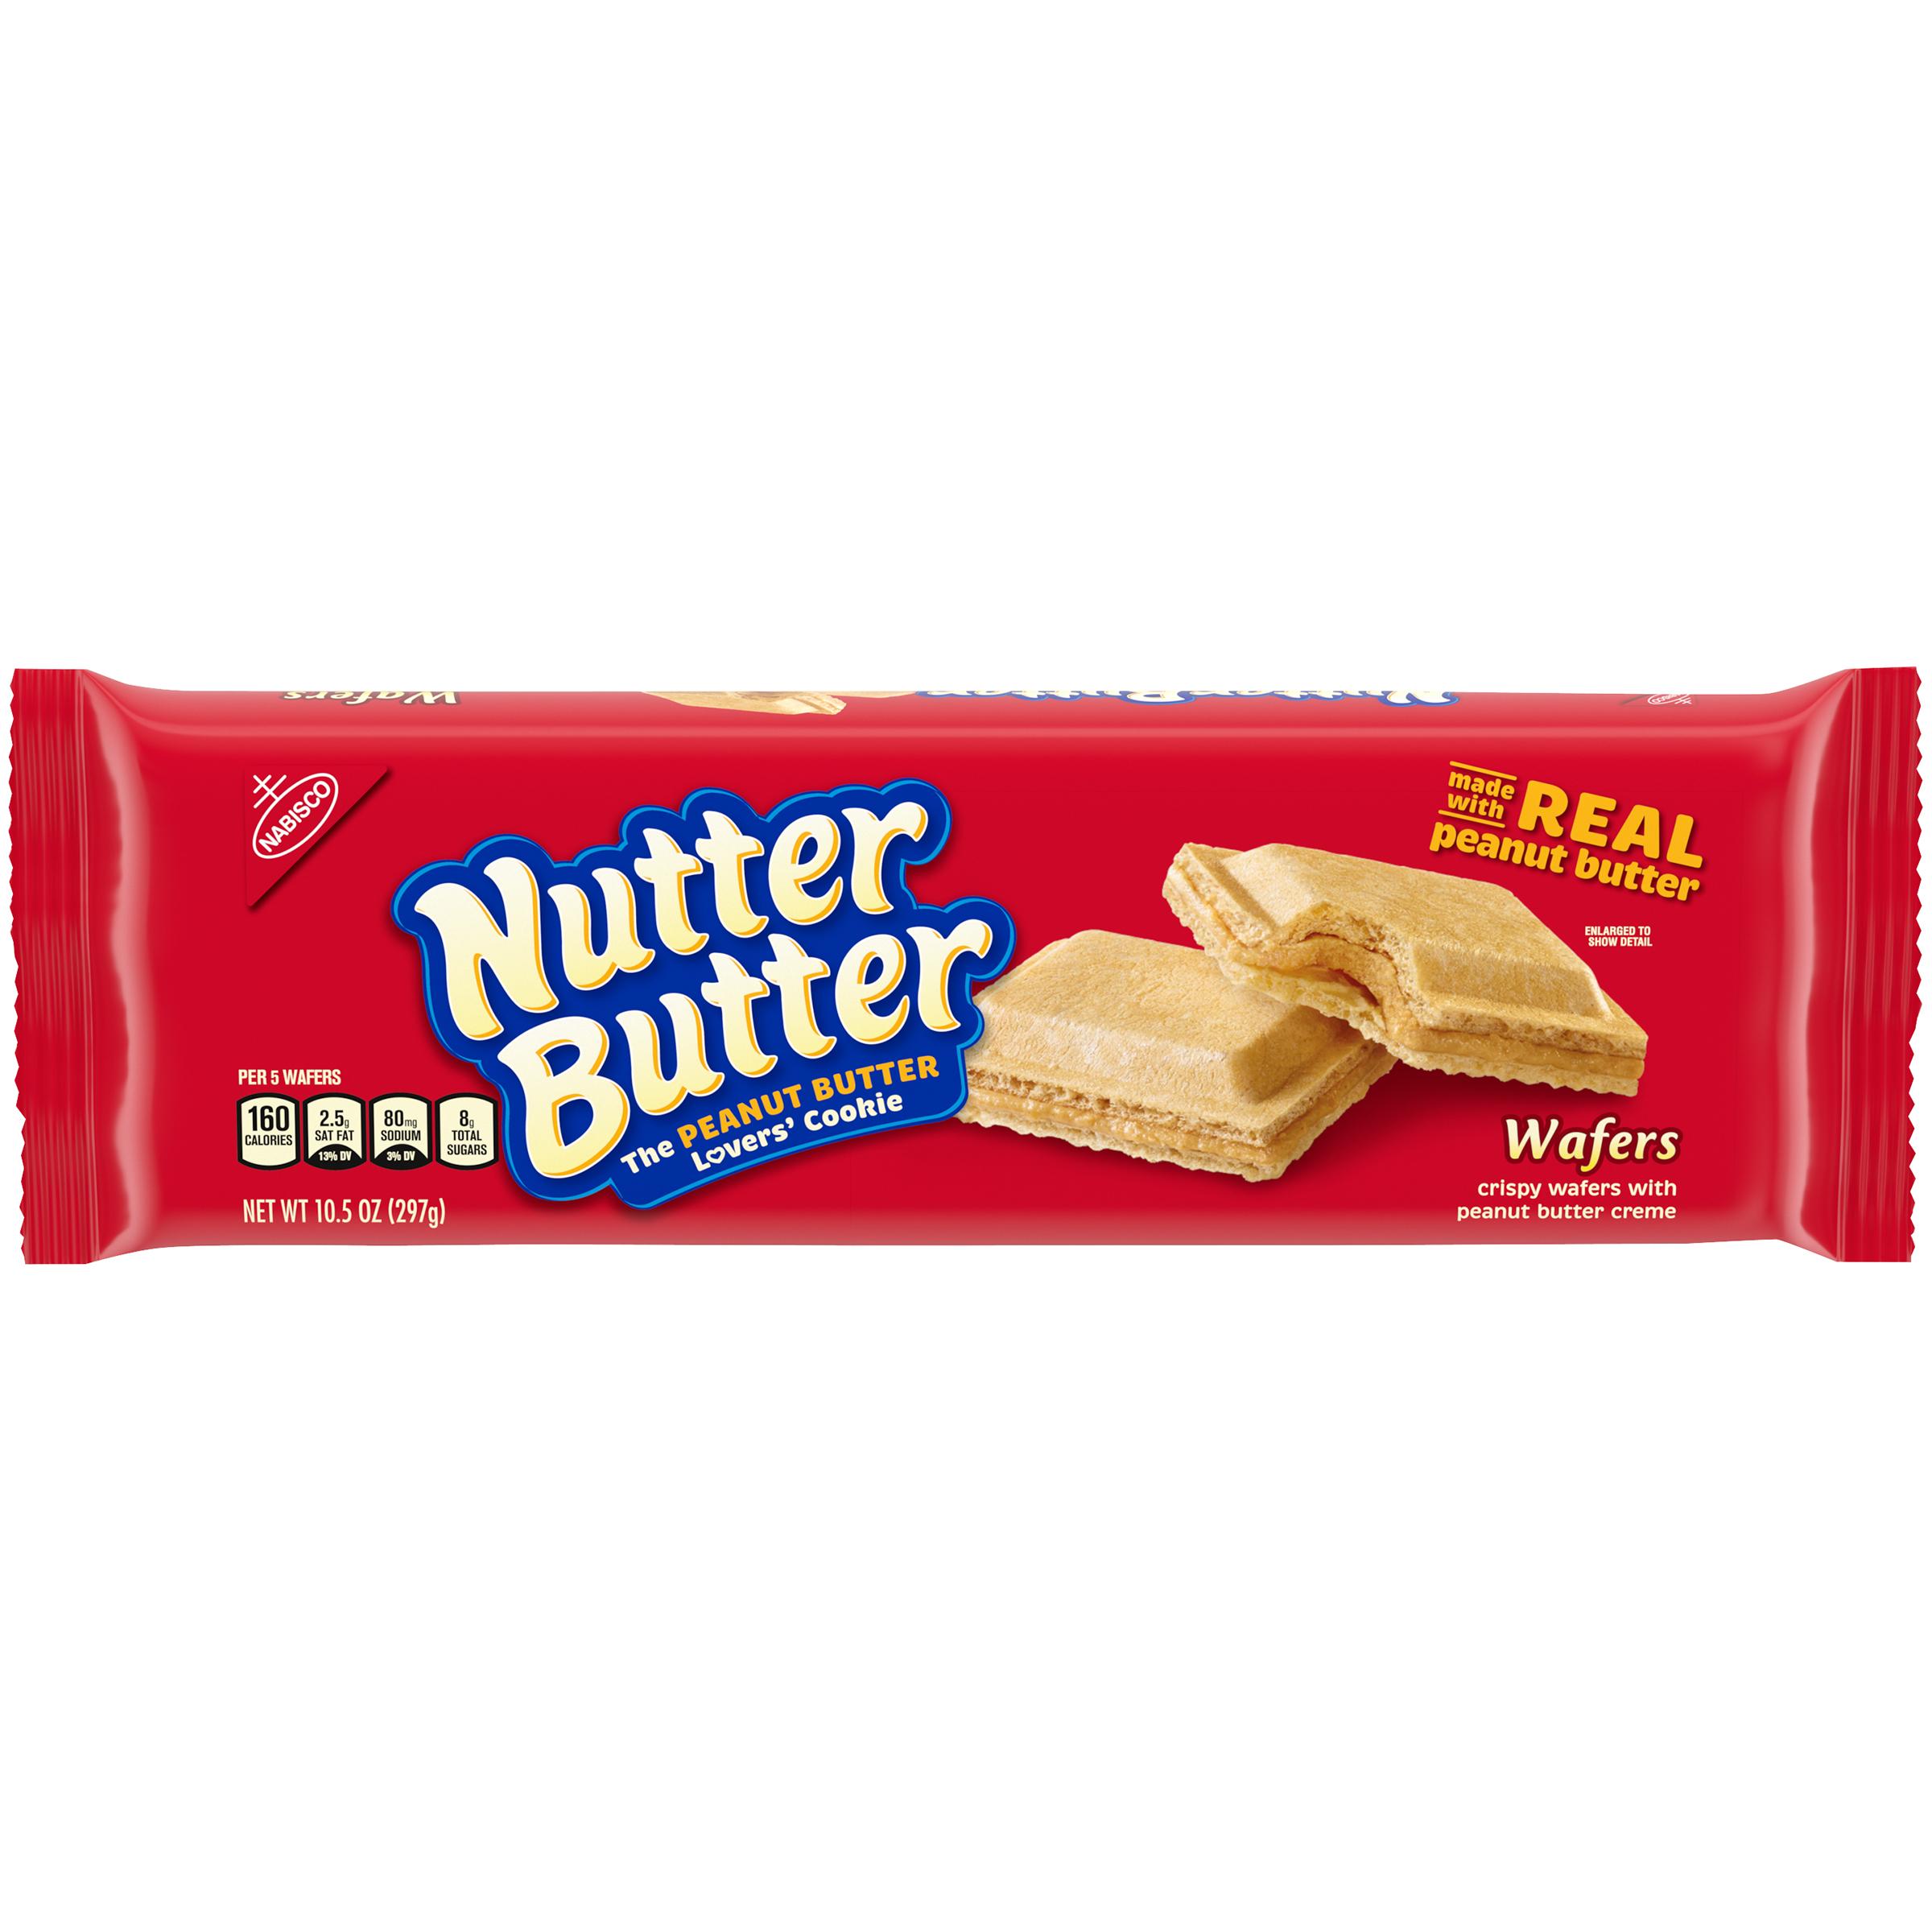 NUTTER BUTTER Peanut Pattie Wafer 10.5 oz